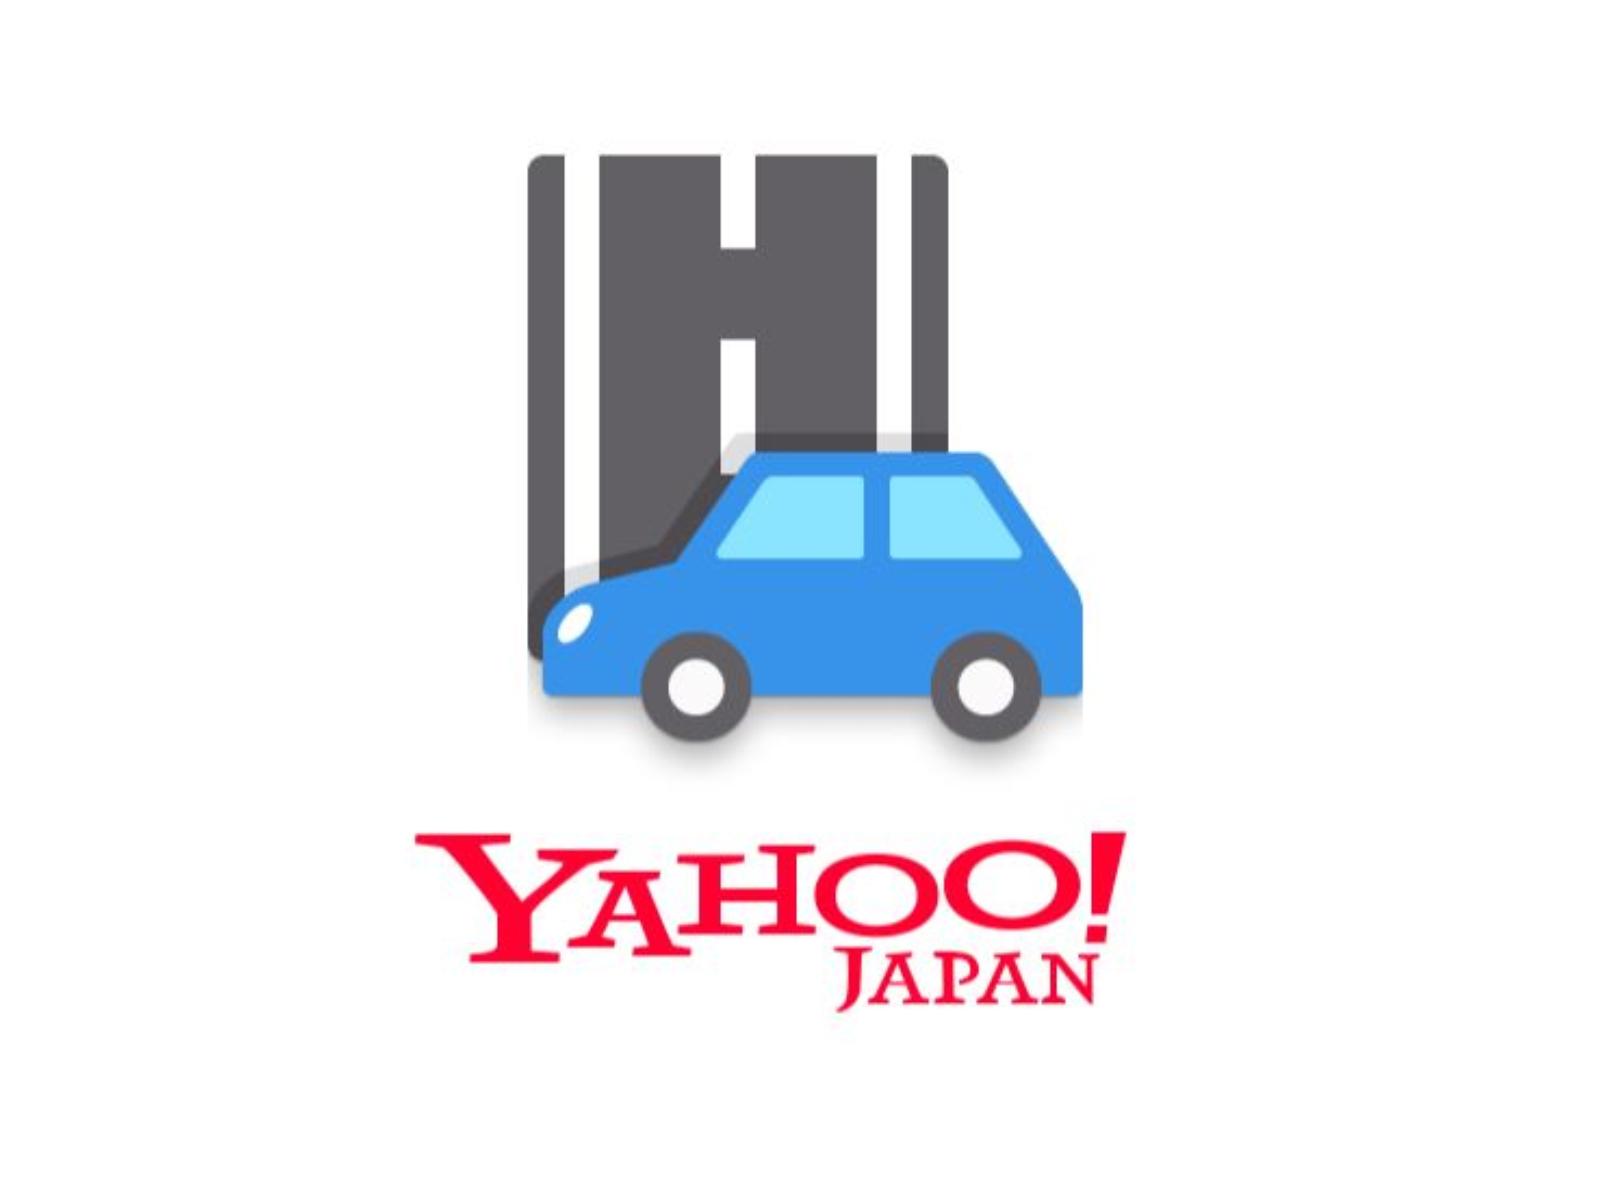 Yahoo!カーナビアイコン